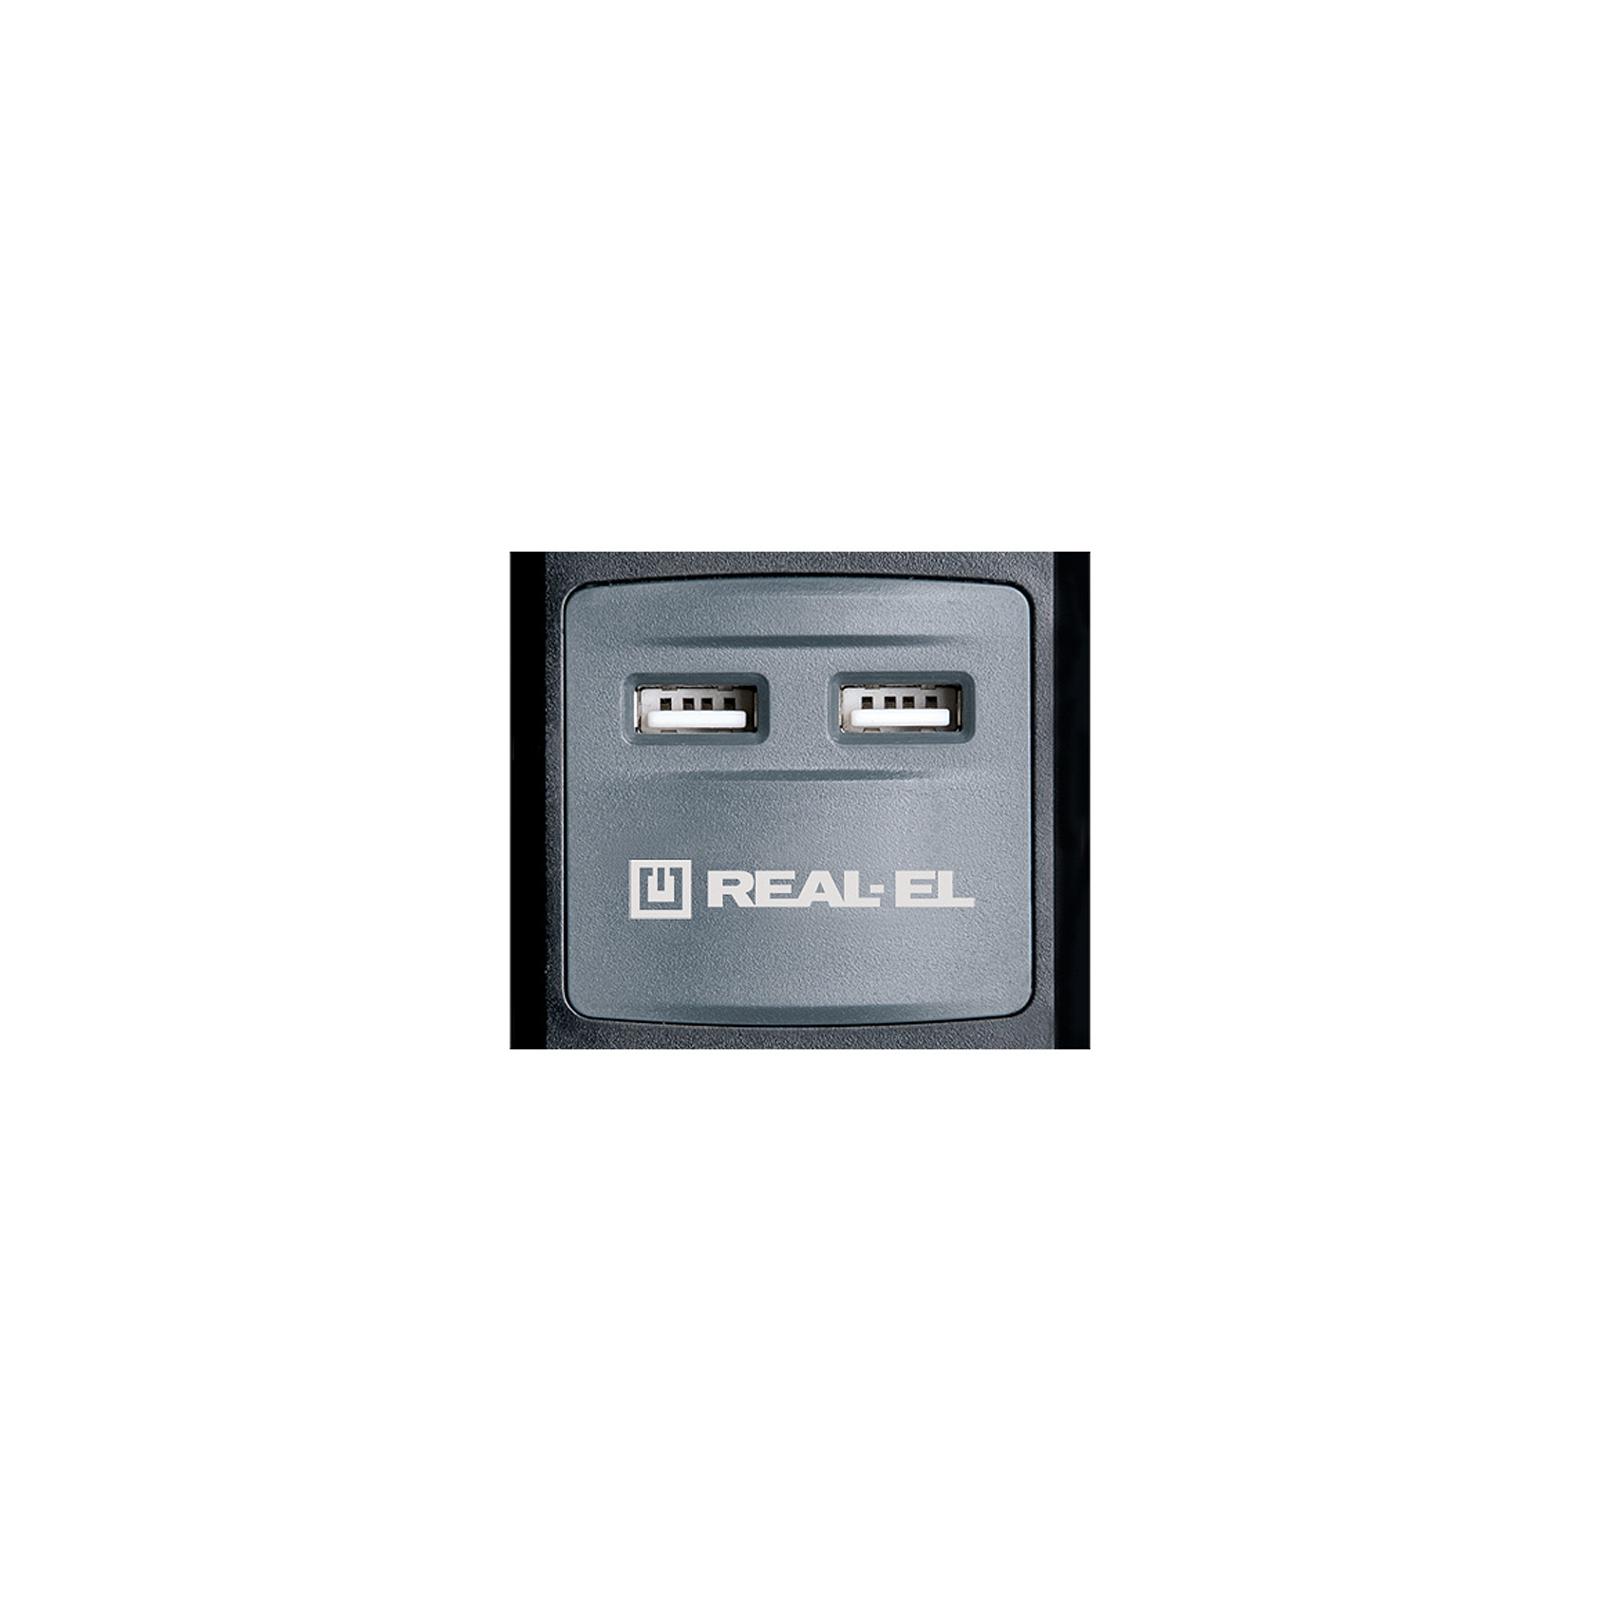 Сетевой удлинитель REAL-EL RS-3 USB CHARGE 1.8m, black (EL122500001) изображение 2